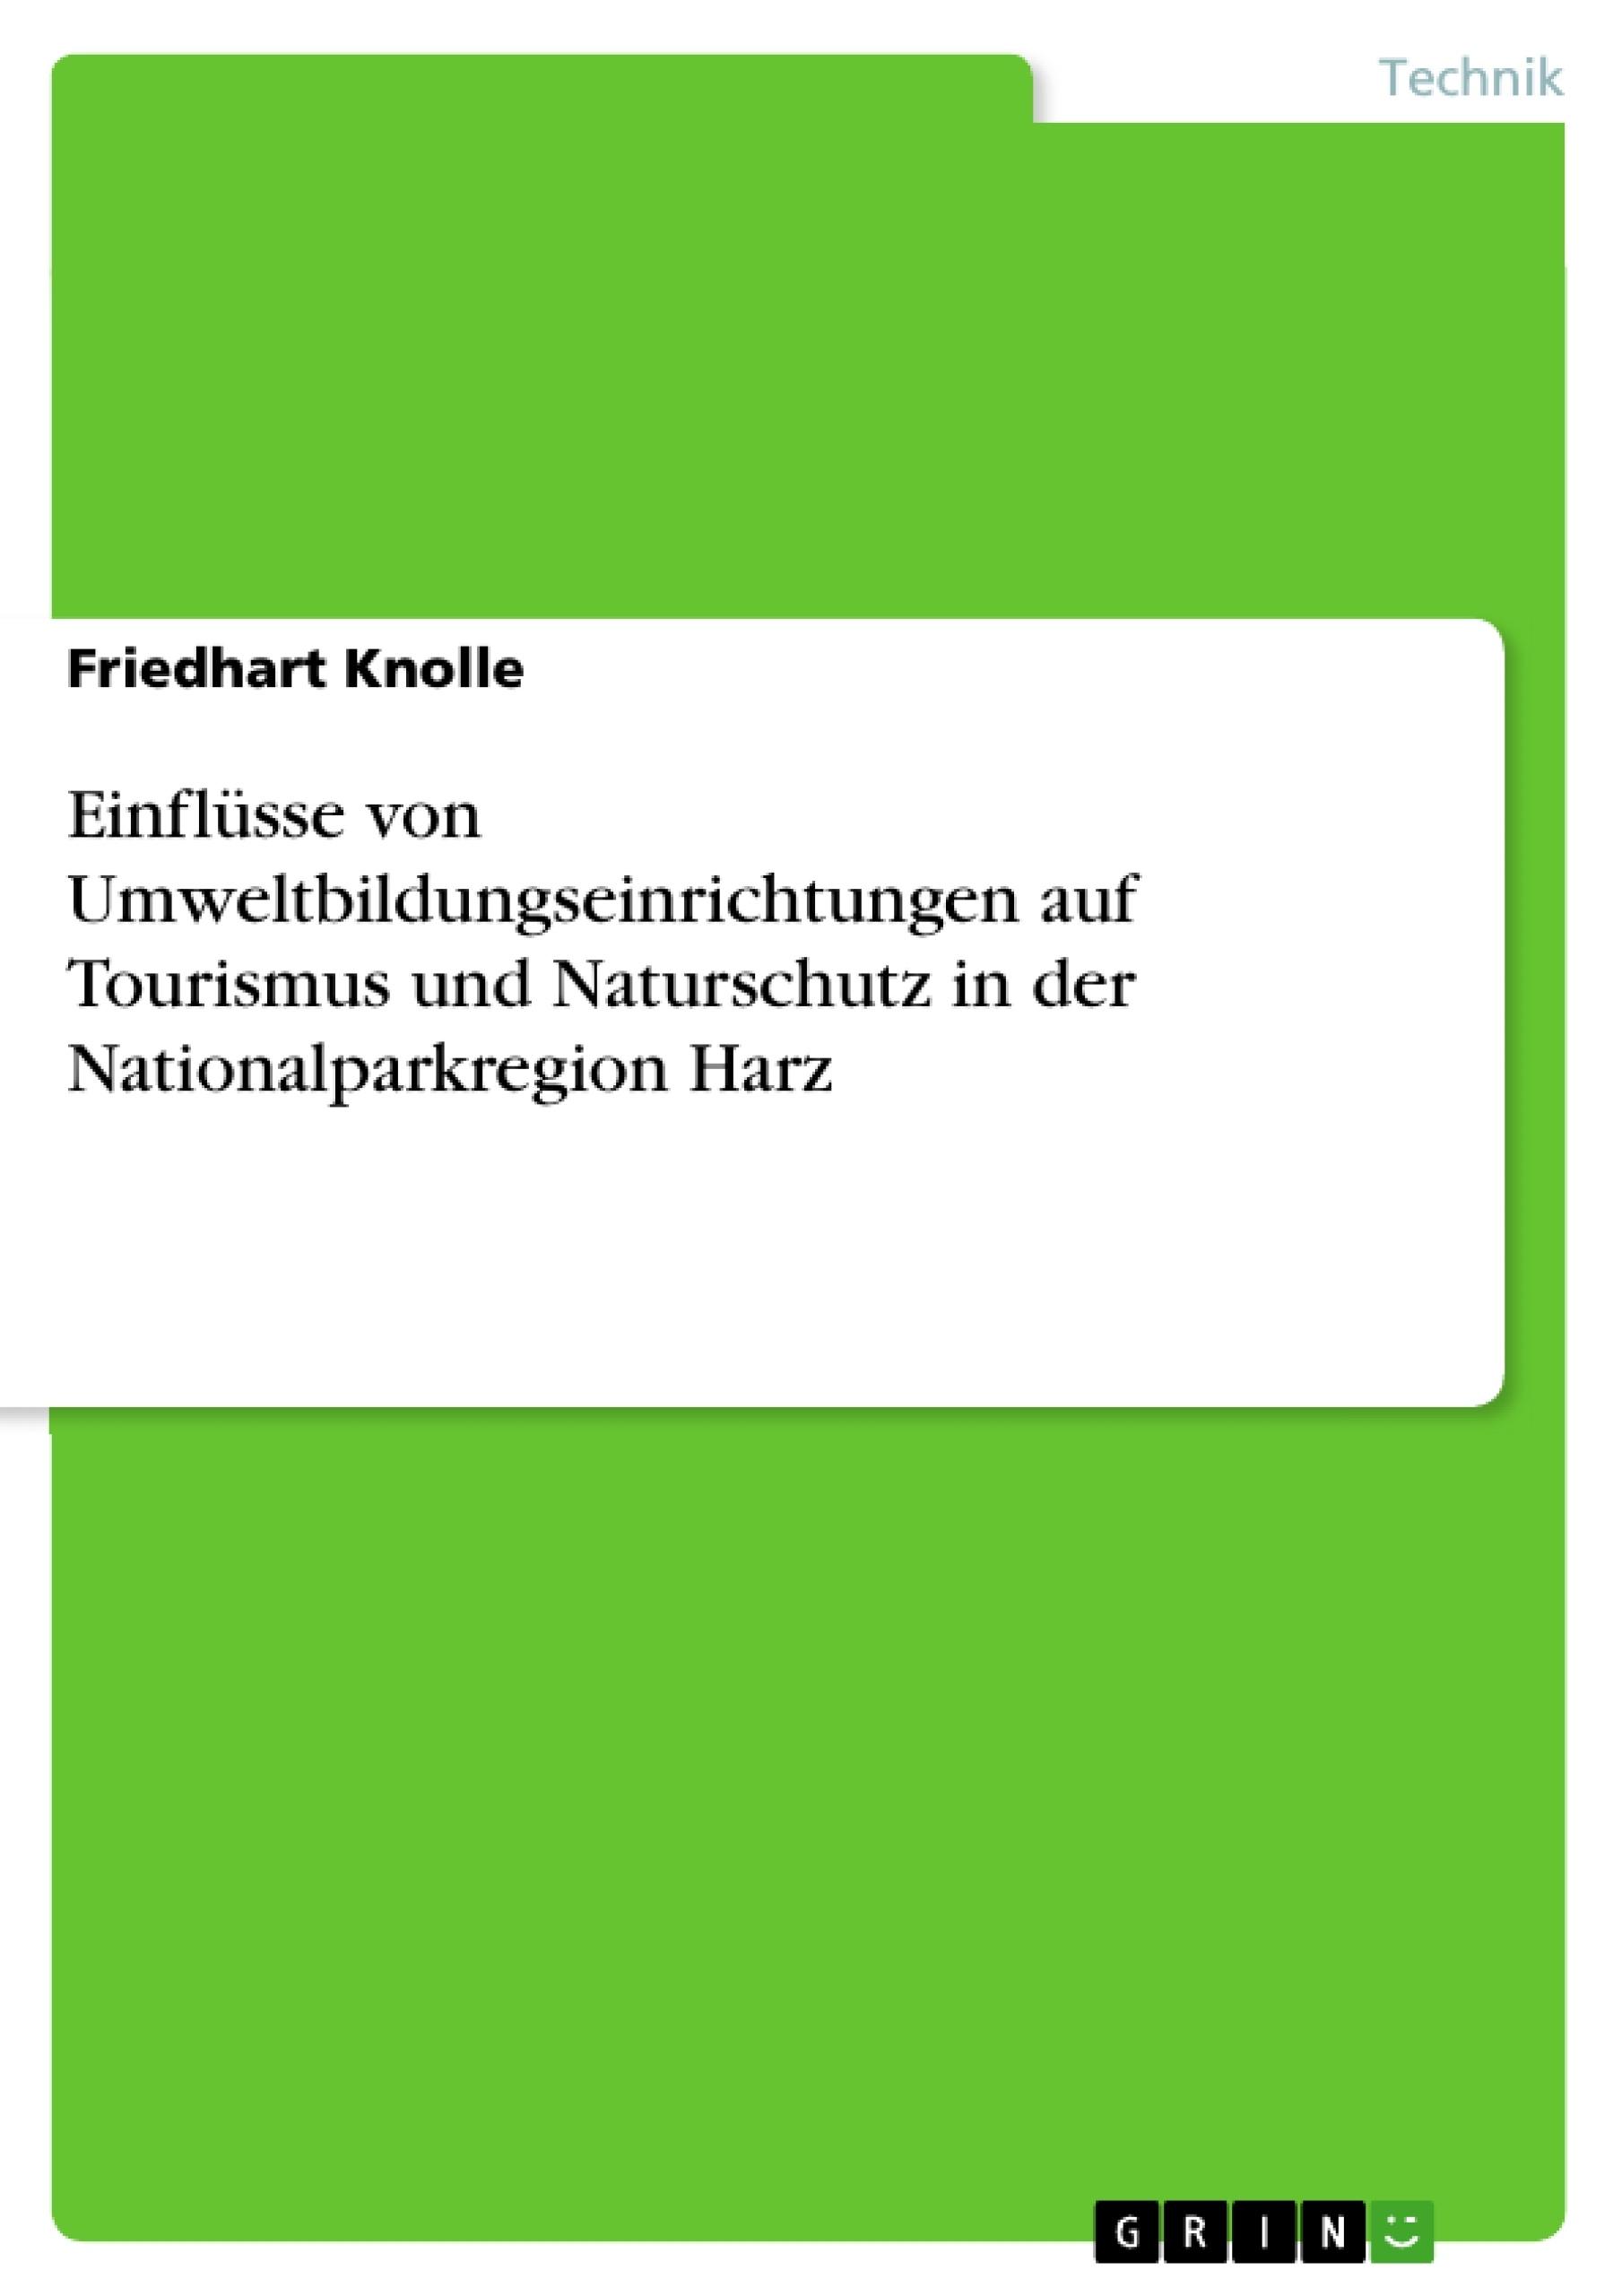 Titel: Einflüsse von Umweltbildungseinrichtungen auf Tourismus und Naturschutz in der Nationalparkregion Harz